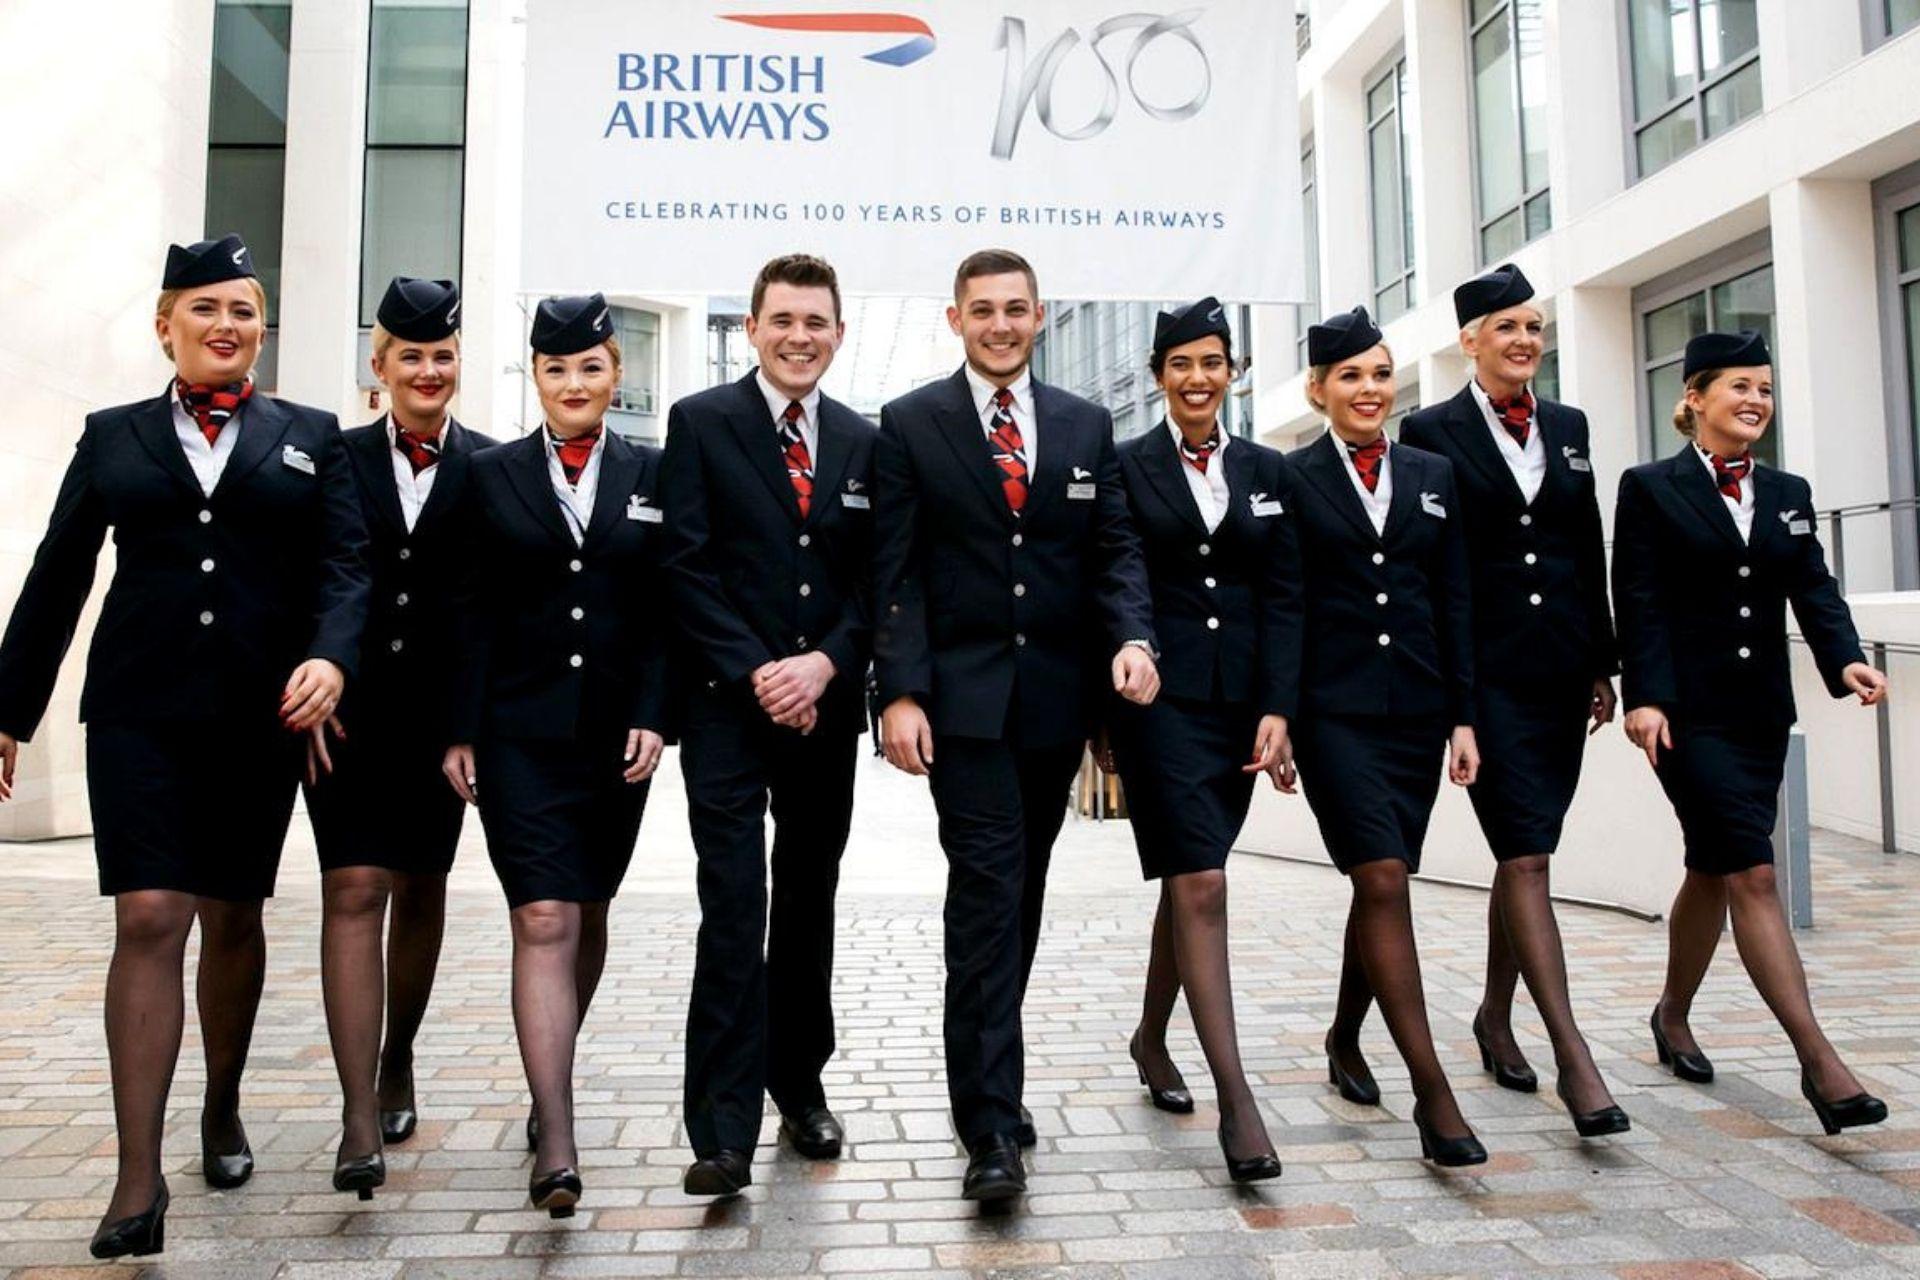 British Airways crew